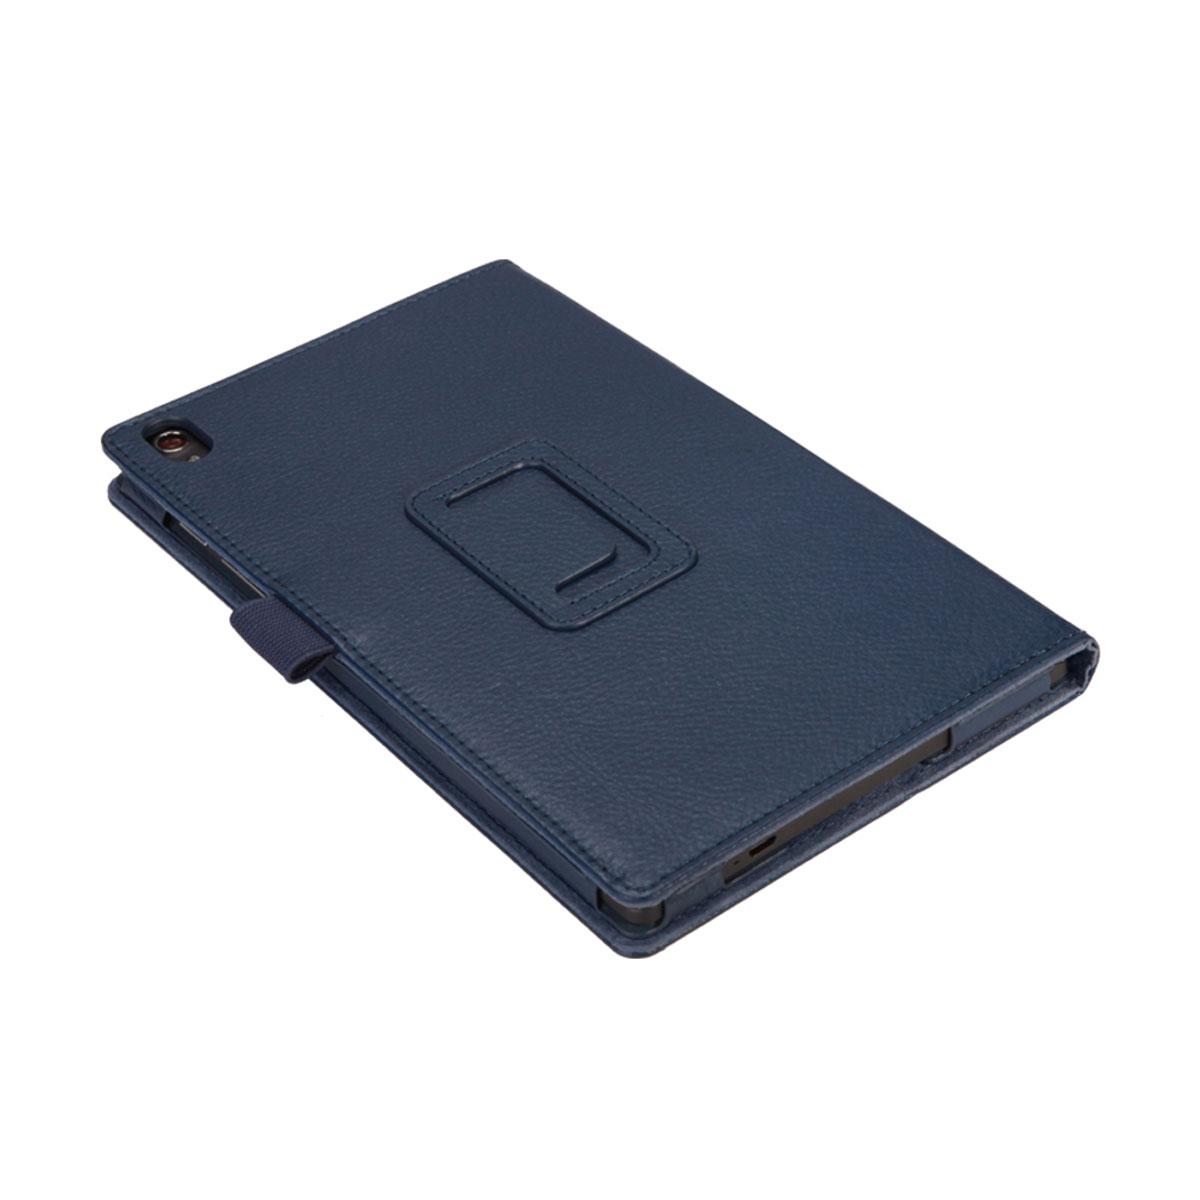 IT Baggage чехол для Lenovo Idea Tab 2 8 A8-50, BlueITLN2A802-4IT Baggage для Lenovo Idea Tab 2 8 A8-50 - удобный и надежный чехол, который надежно защищает ваше устройство от внешних воздействий, грязи, пыли, брызг. Данный чехол поможет при ударах и падениях, смягчая их, и не позволяя образовываться на корпусе царапинам, потертостям. Кроме того, он будет незаменим при длительной транспортировке устройства. Обеспечивает свободный доступ ко всем разъемам и клавишам планшета.